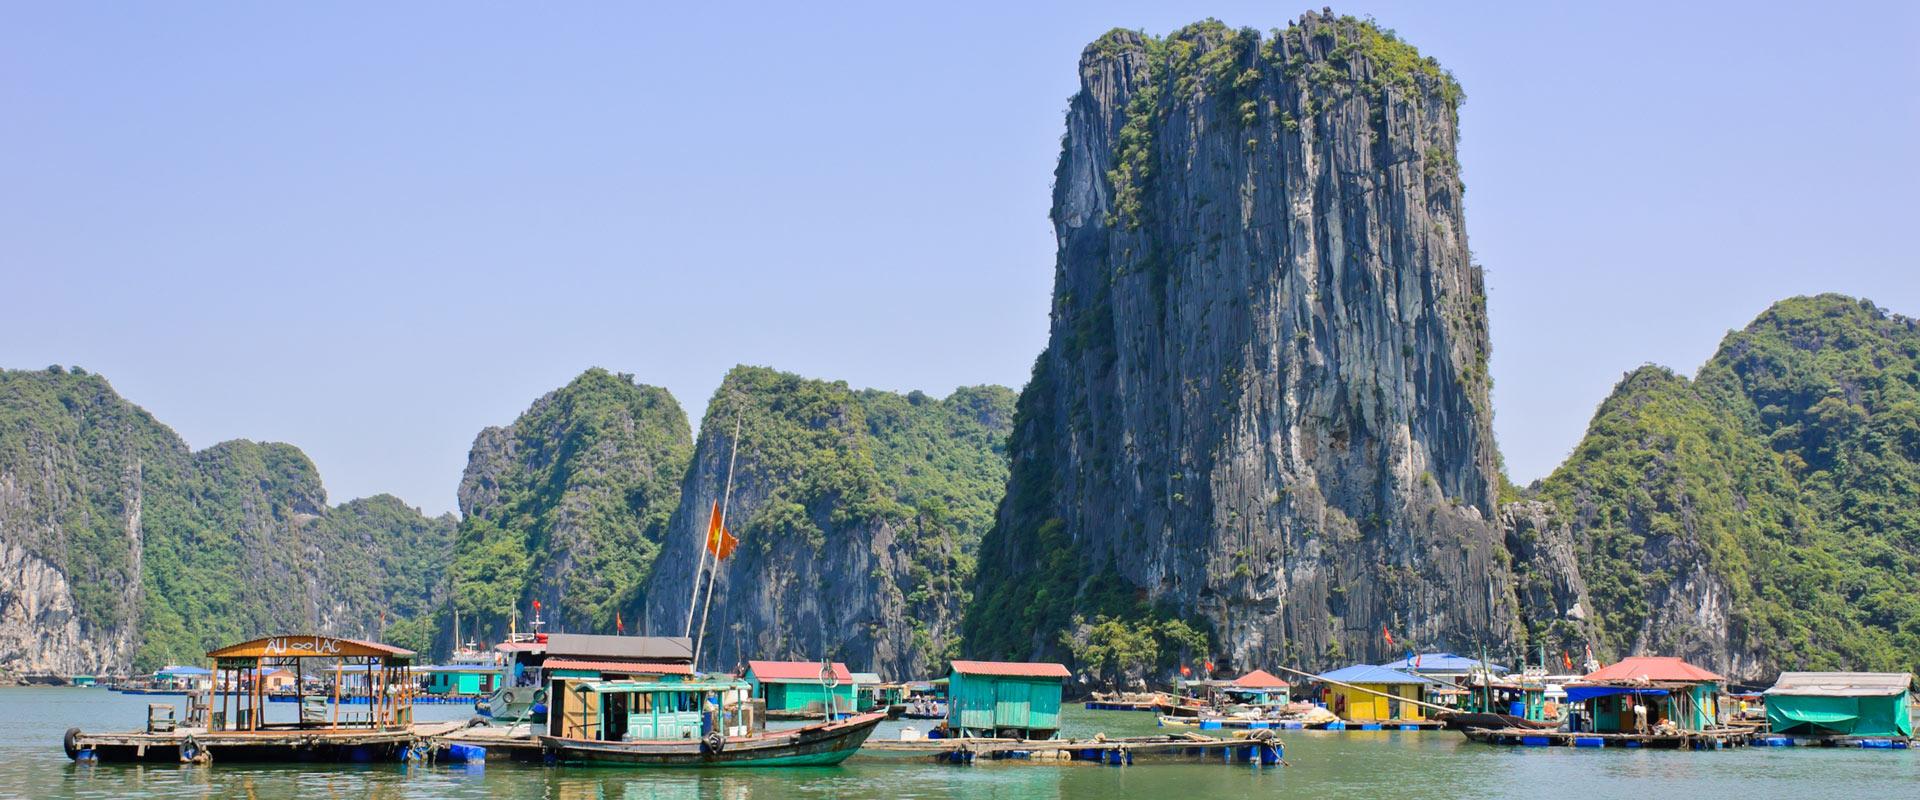 village flottant activités à la baie d'Halong